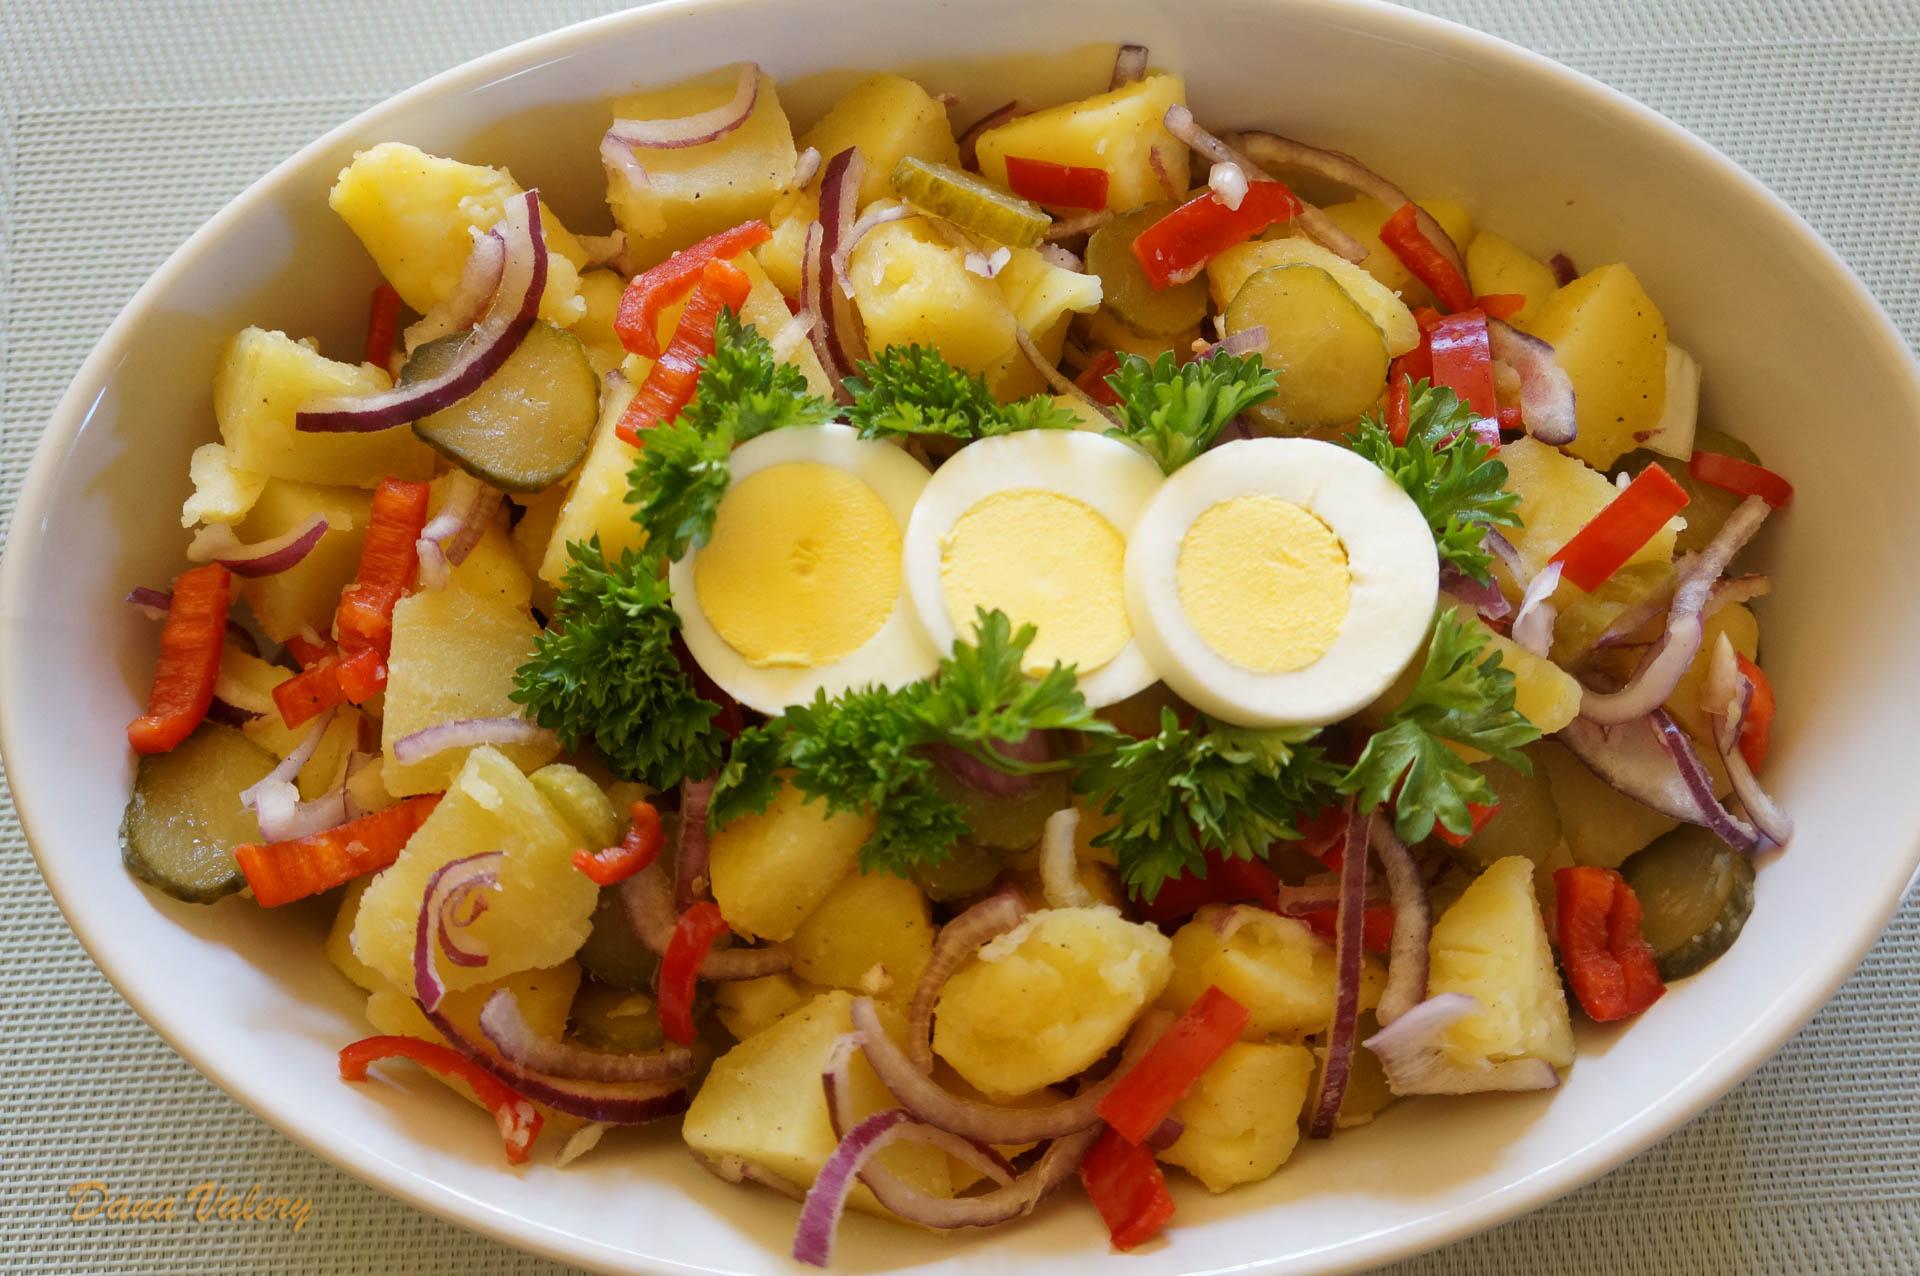 Salata de cartofi cu castraveti murati, ceapa rosie si ardei gras | Retete culinare cu Dana Valery